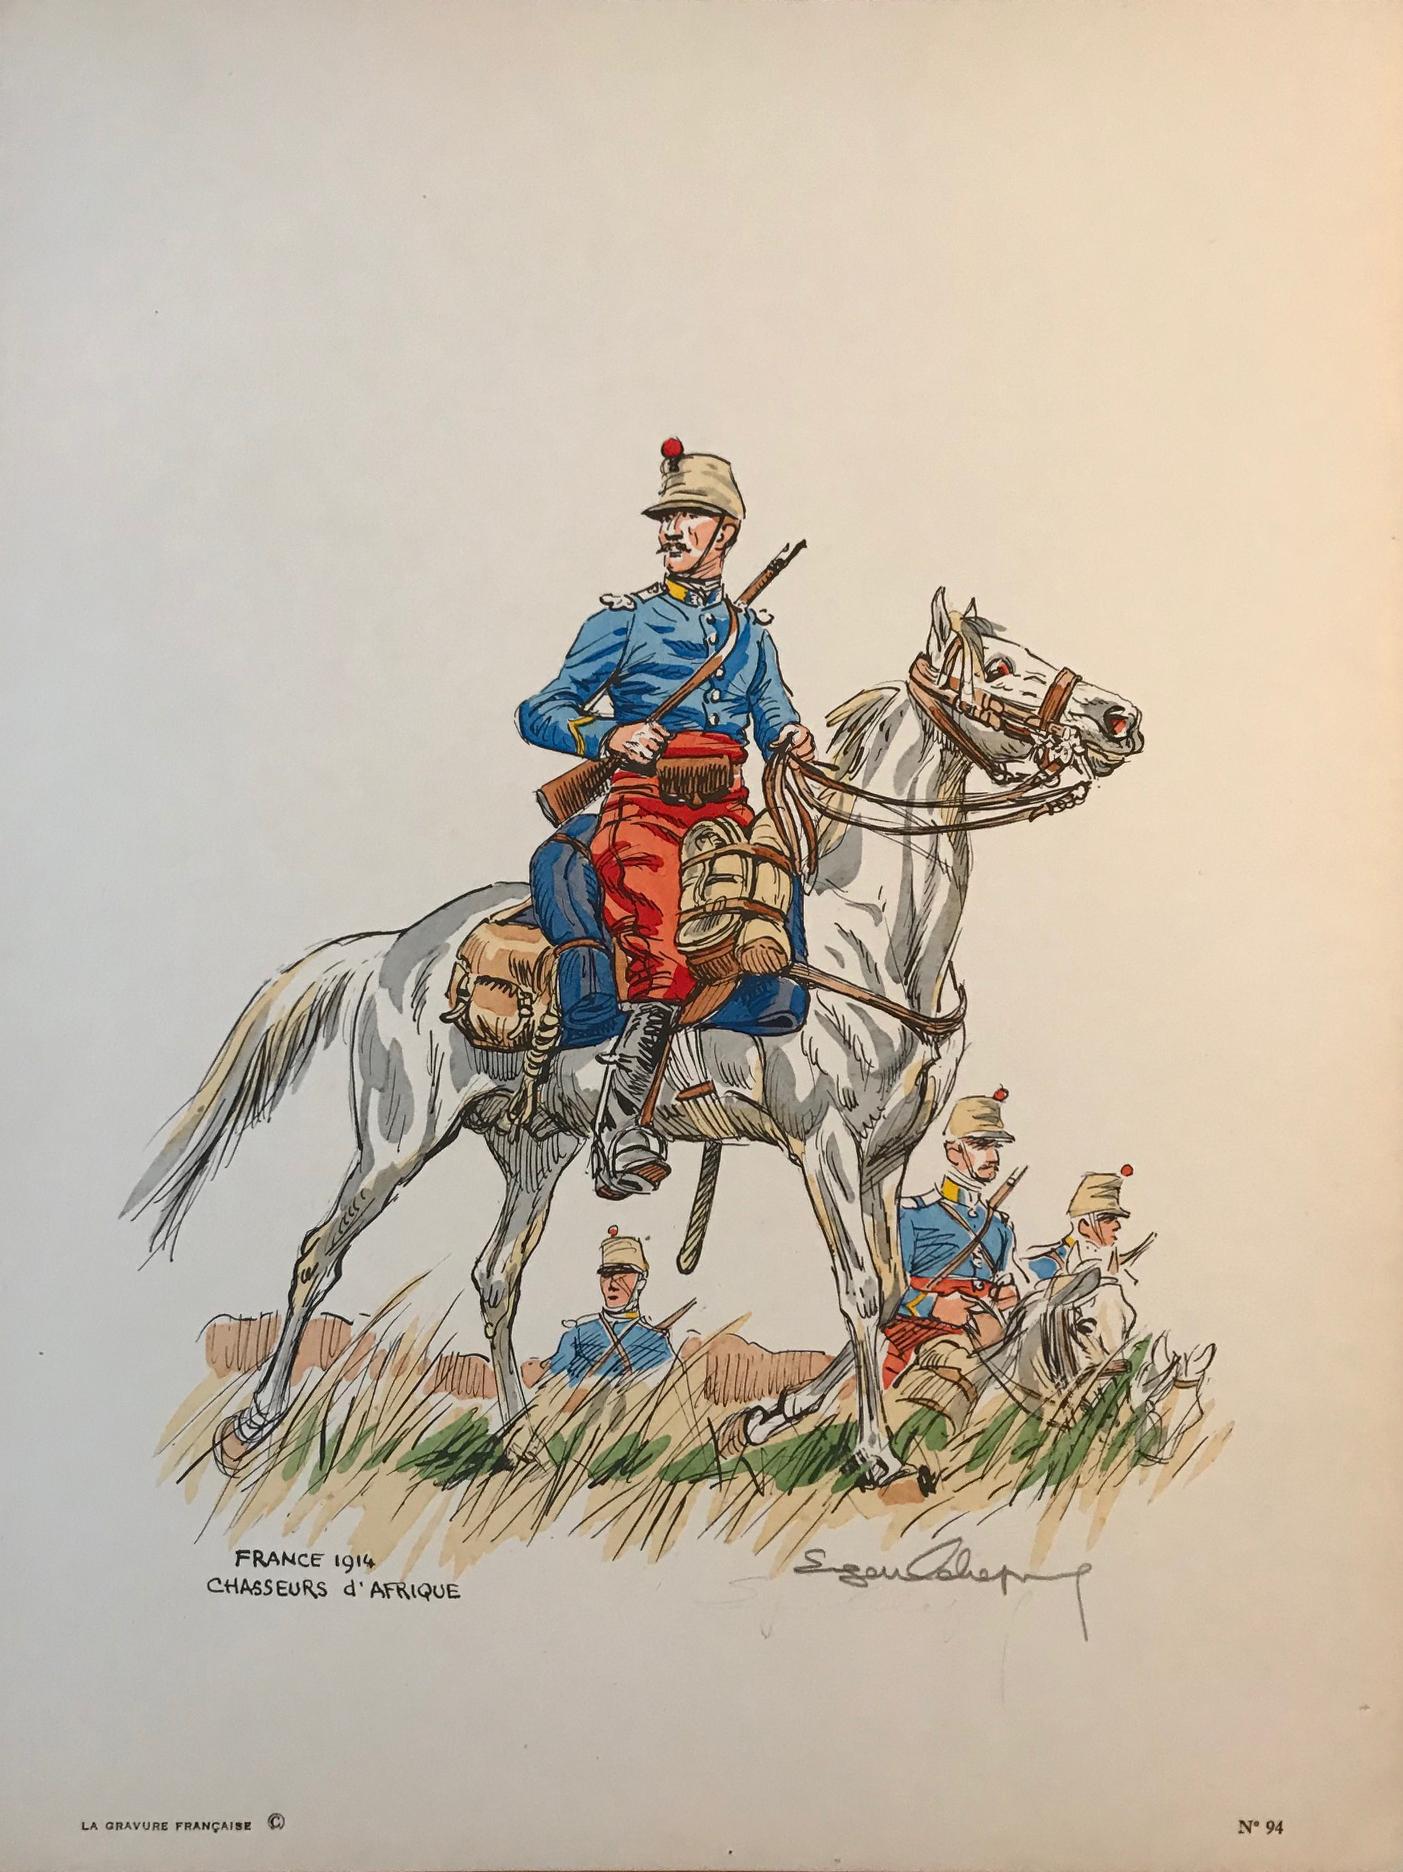 Eugène Leliepvre - France 1914 - Chasseurs d'Afrique - La gravure Française